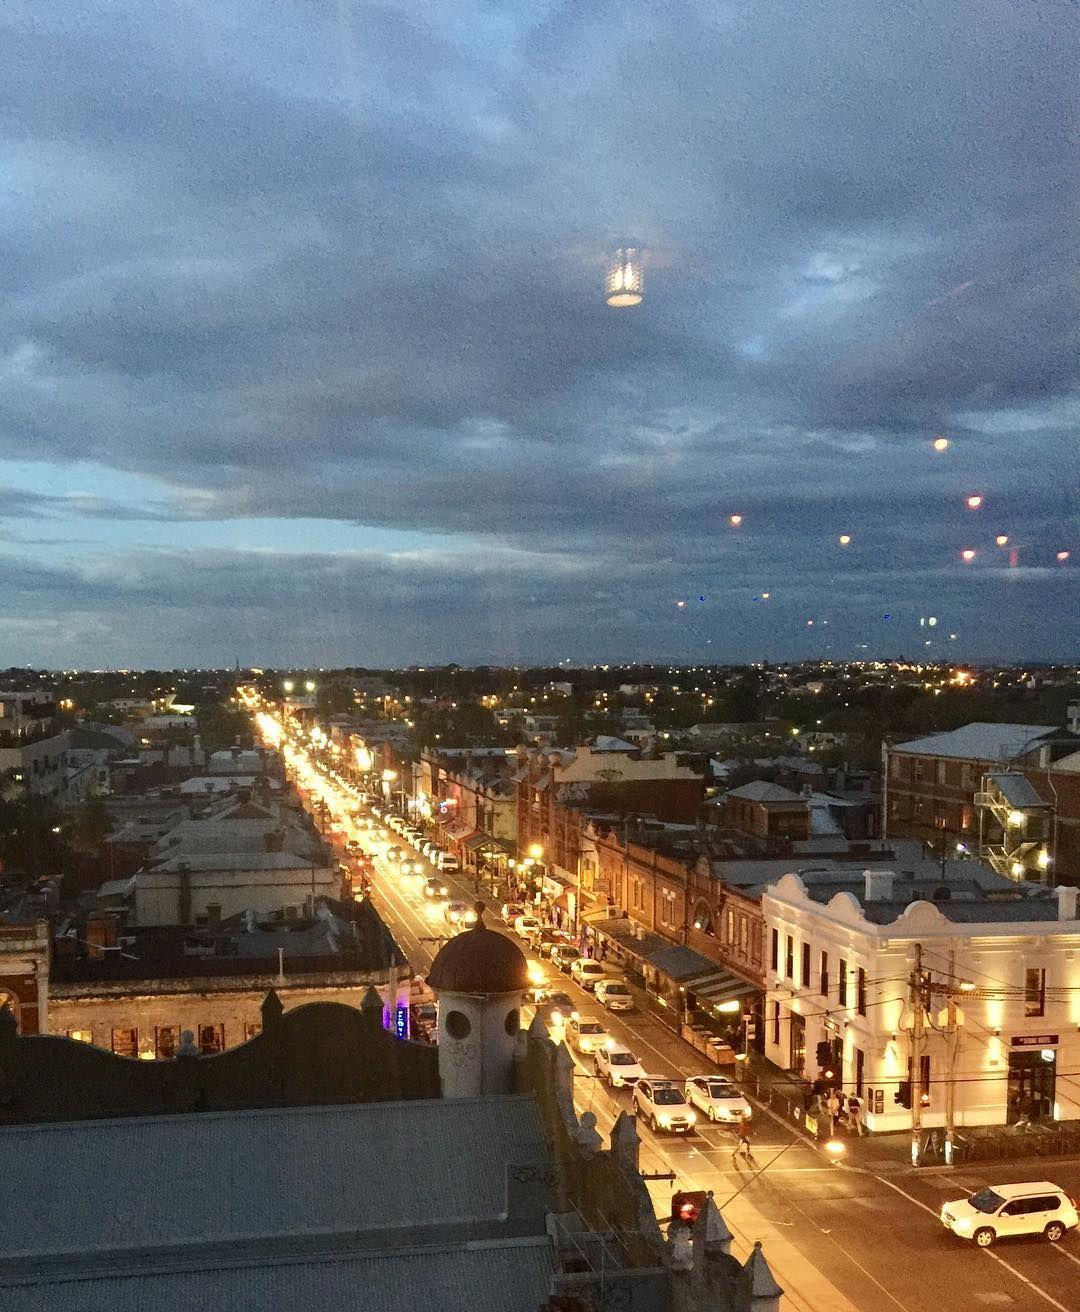 Dusk on Brunswick Street - view from rooftop bar at @nakedforsatan_  #nakedforsatan